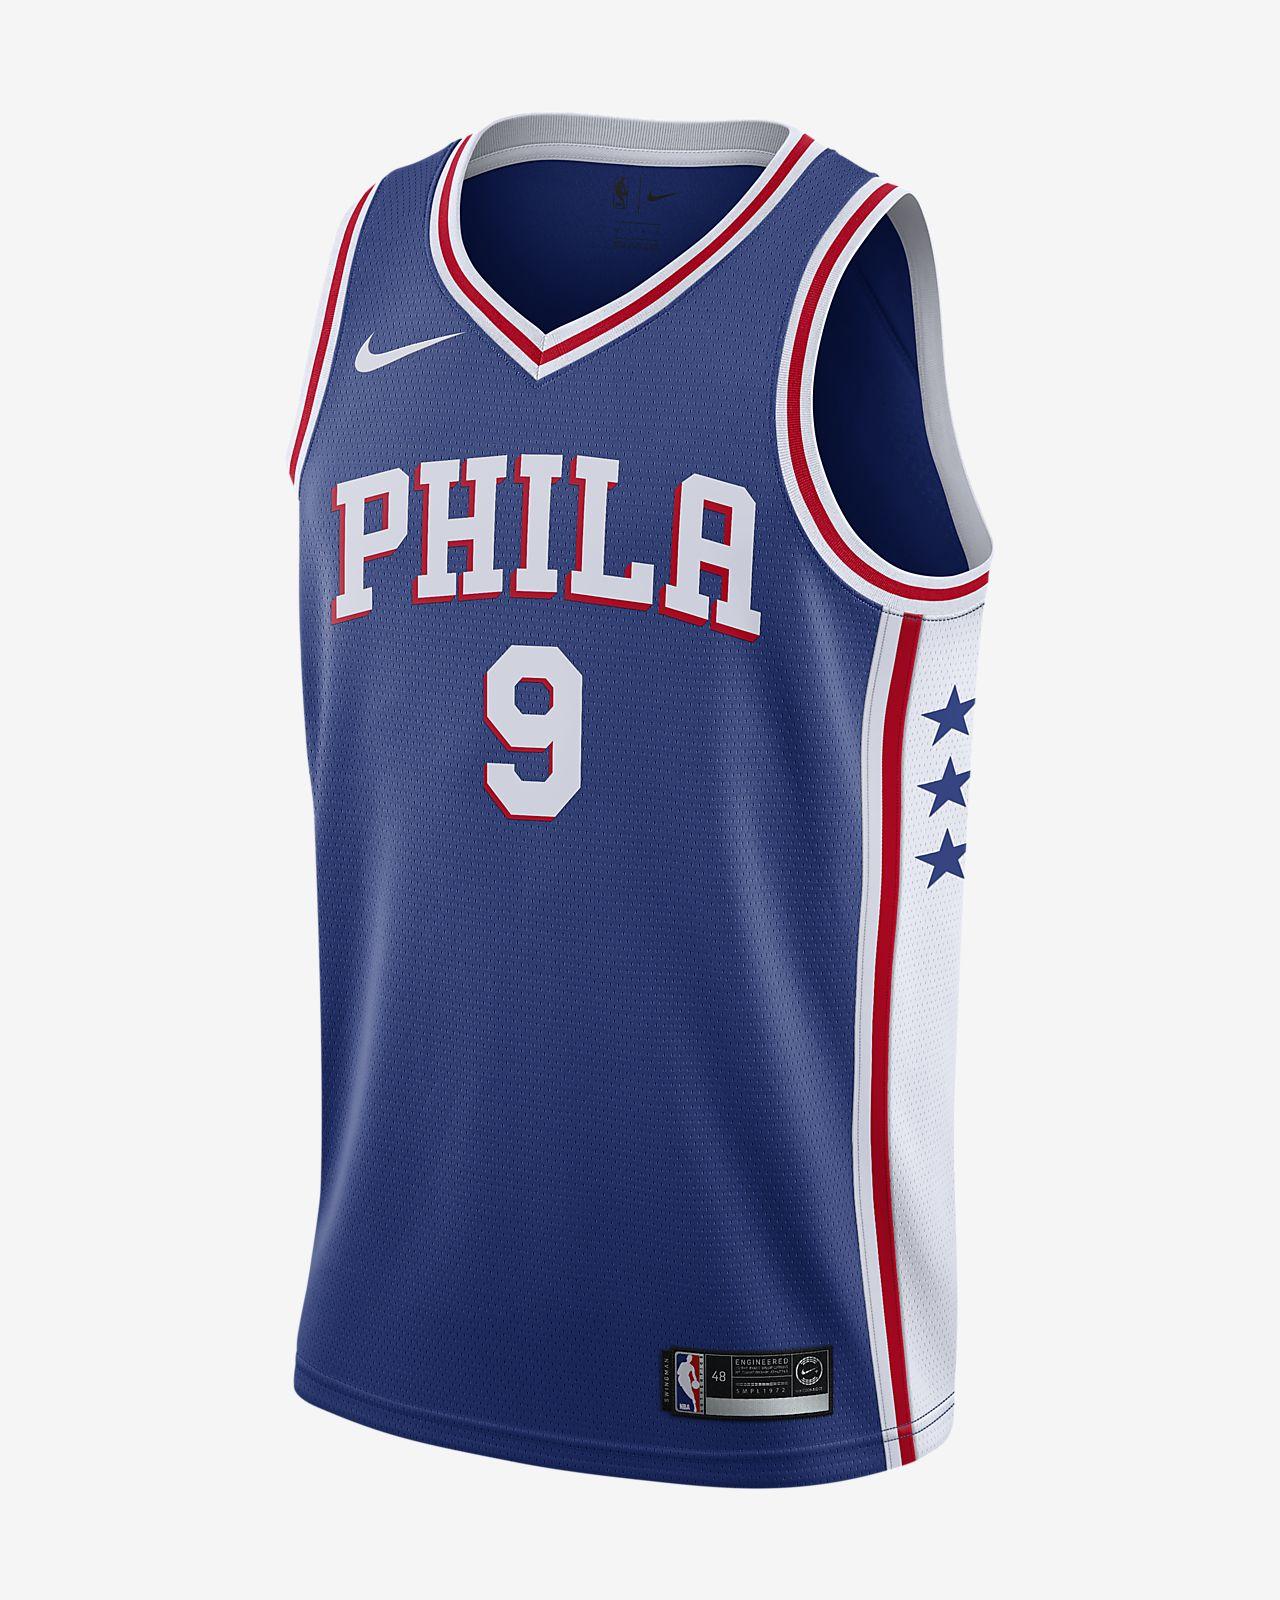 9e9bc0ac979e Men s Nike NBA Connected Jersey. Dario Šarić Icon Edition Swingman  (Philadelphia 76ers)